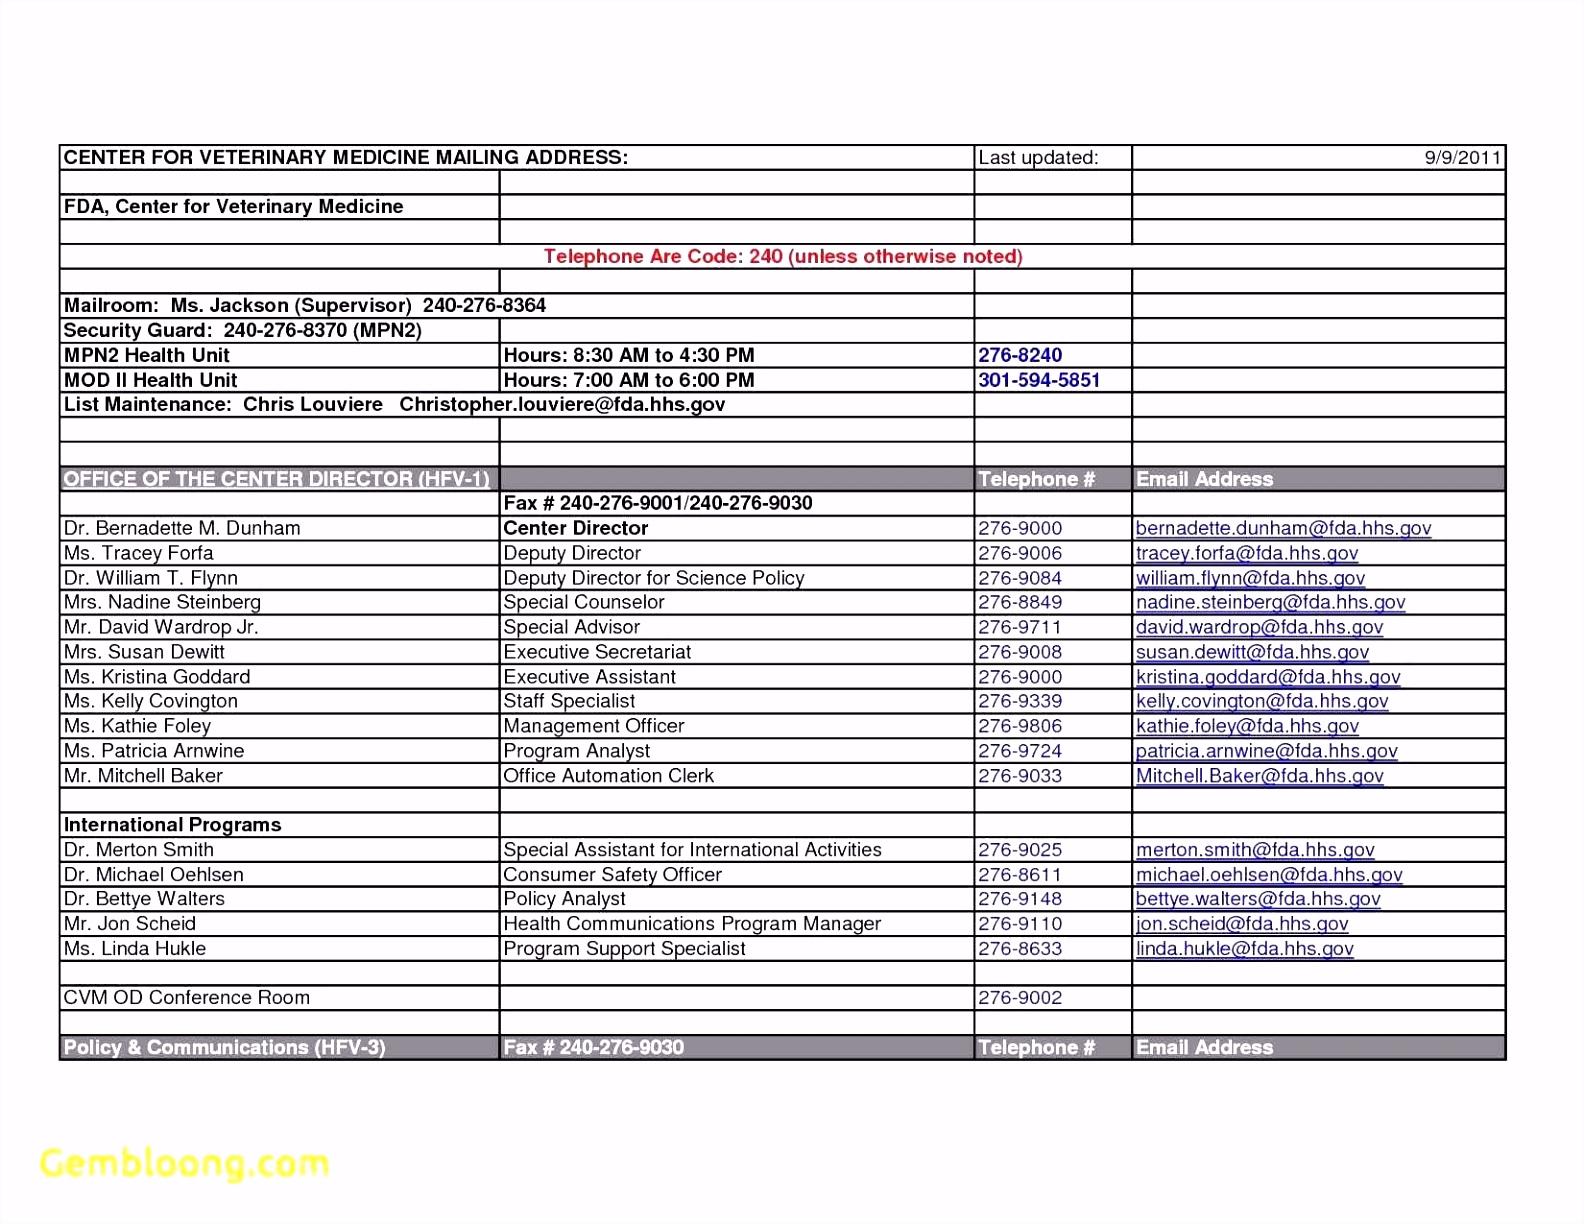 Qm Handbuch Vorlage Kostenlos Arbeitsanweisungen Zahnarztpraxis Muster 17 Arbeitsanweisung Muster N9oz08iwk8 O2vc65jlw6